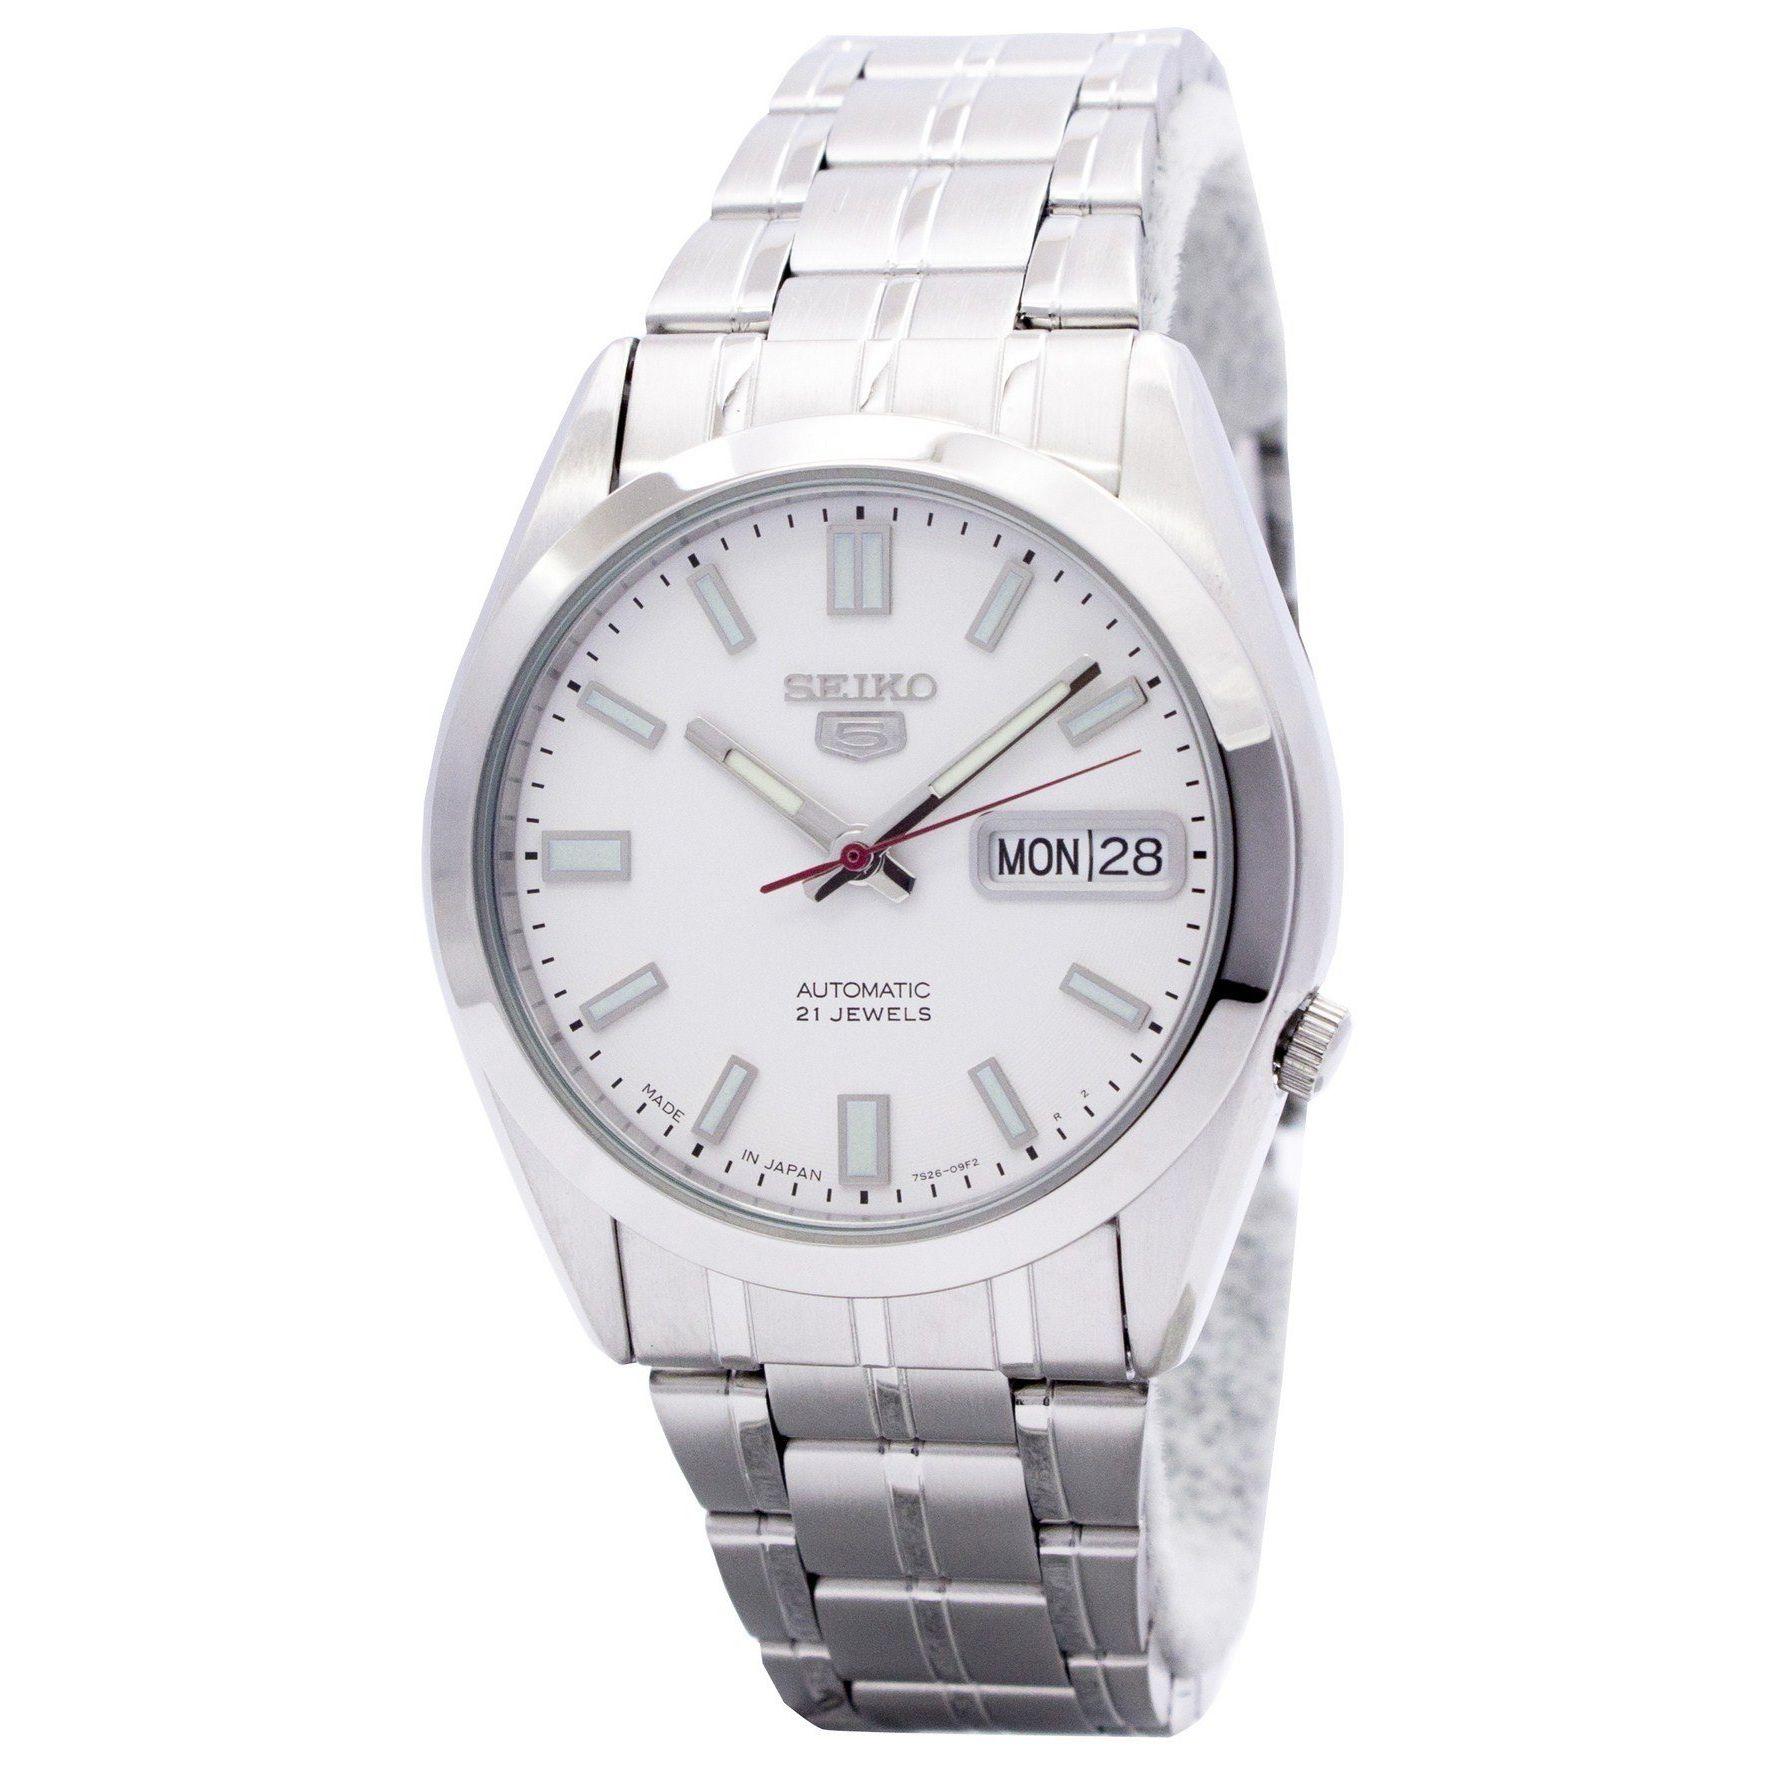 Reloj Seiko 5 automático caballero SNKE79J1 RELOJES SEIKO Ofertas e2e754d754ef